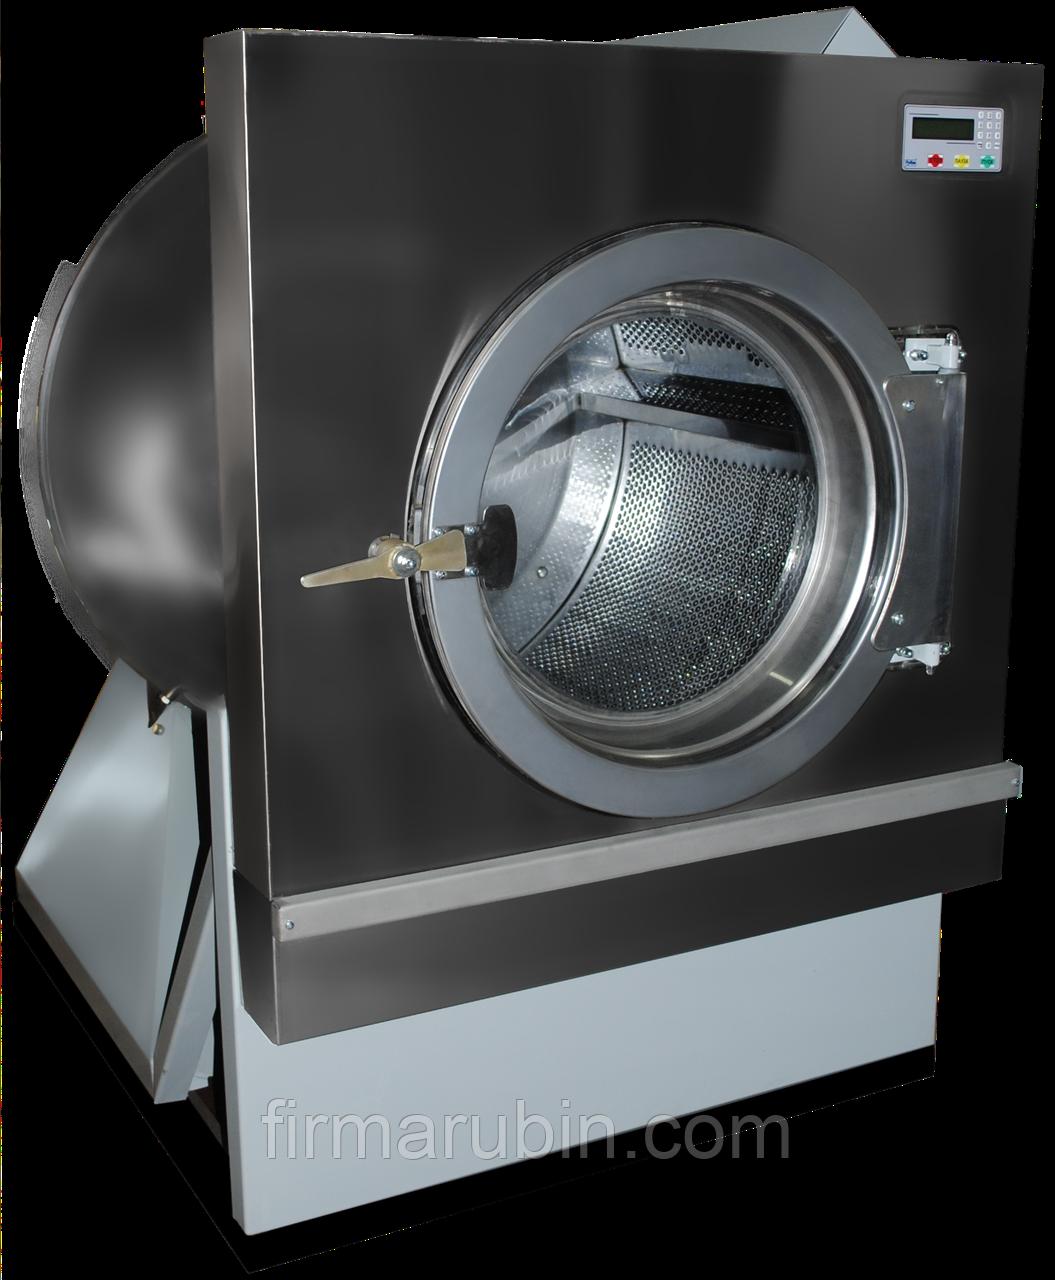 Промышленная стиральная машина СТ604